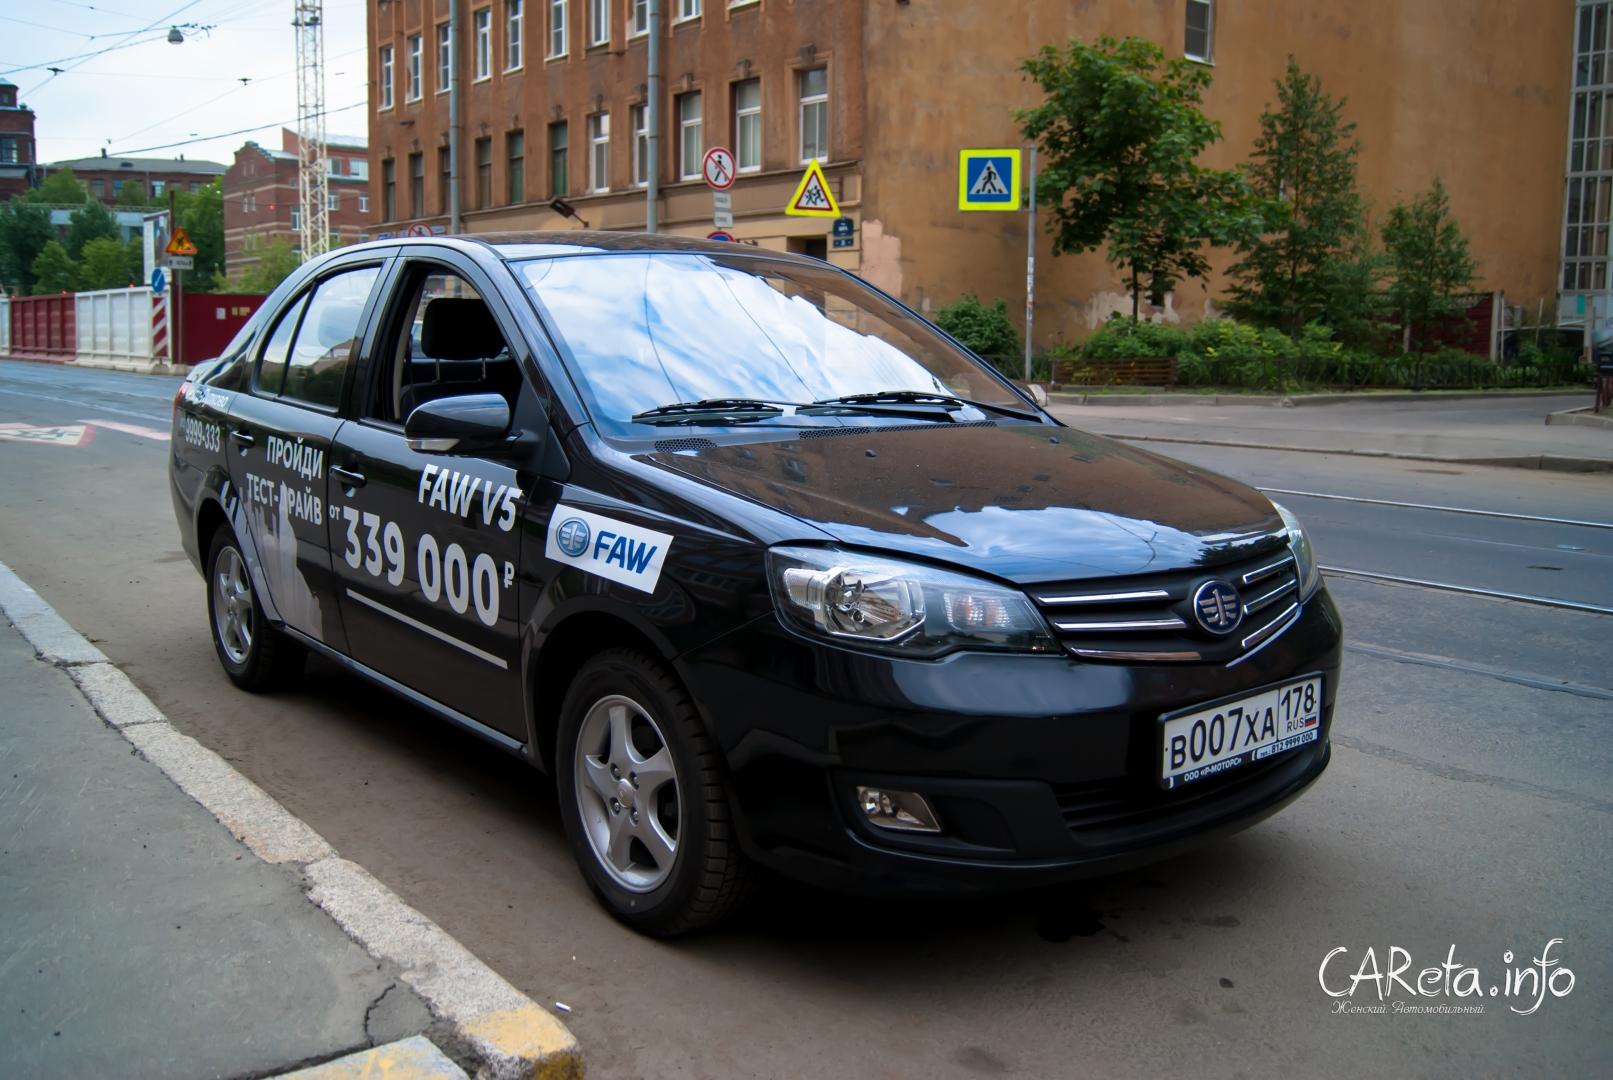 FAW V5: Российские корни в китайском автопроме